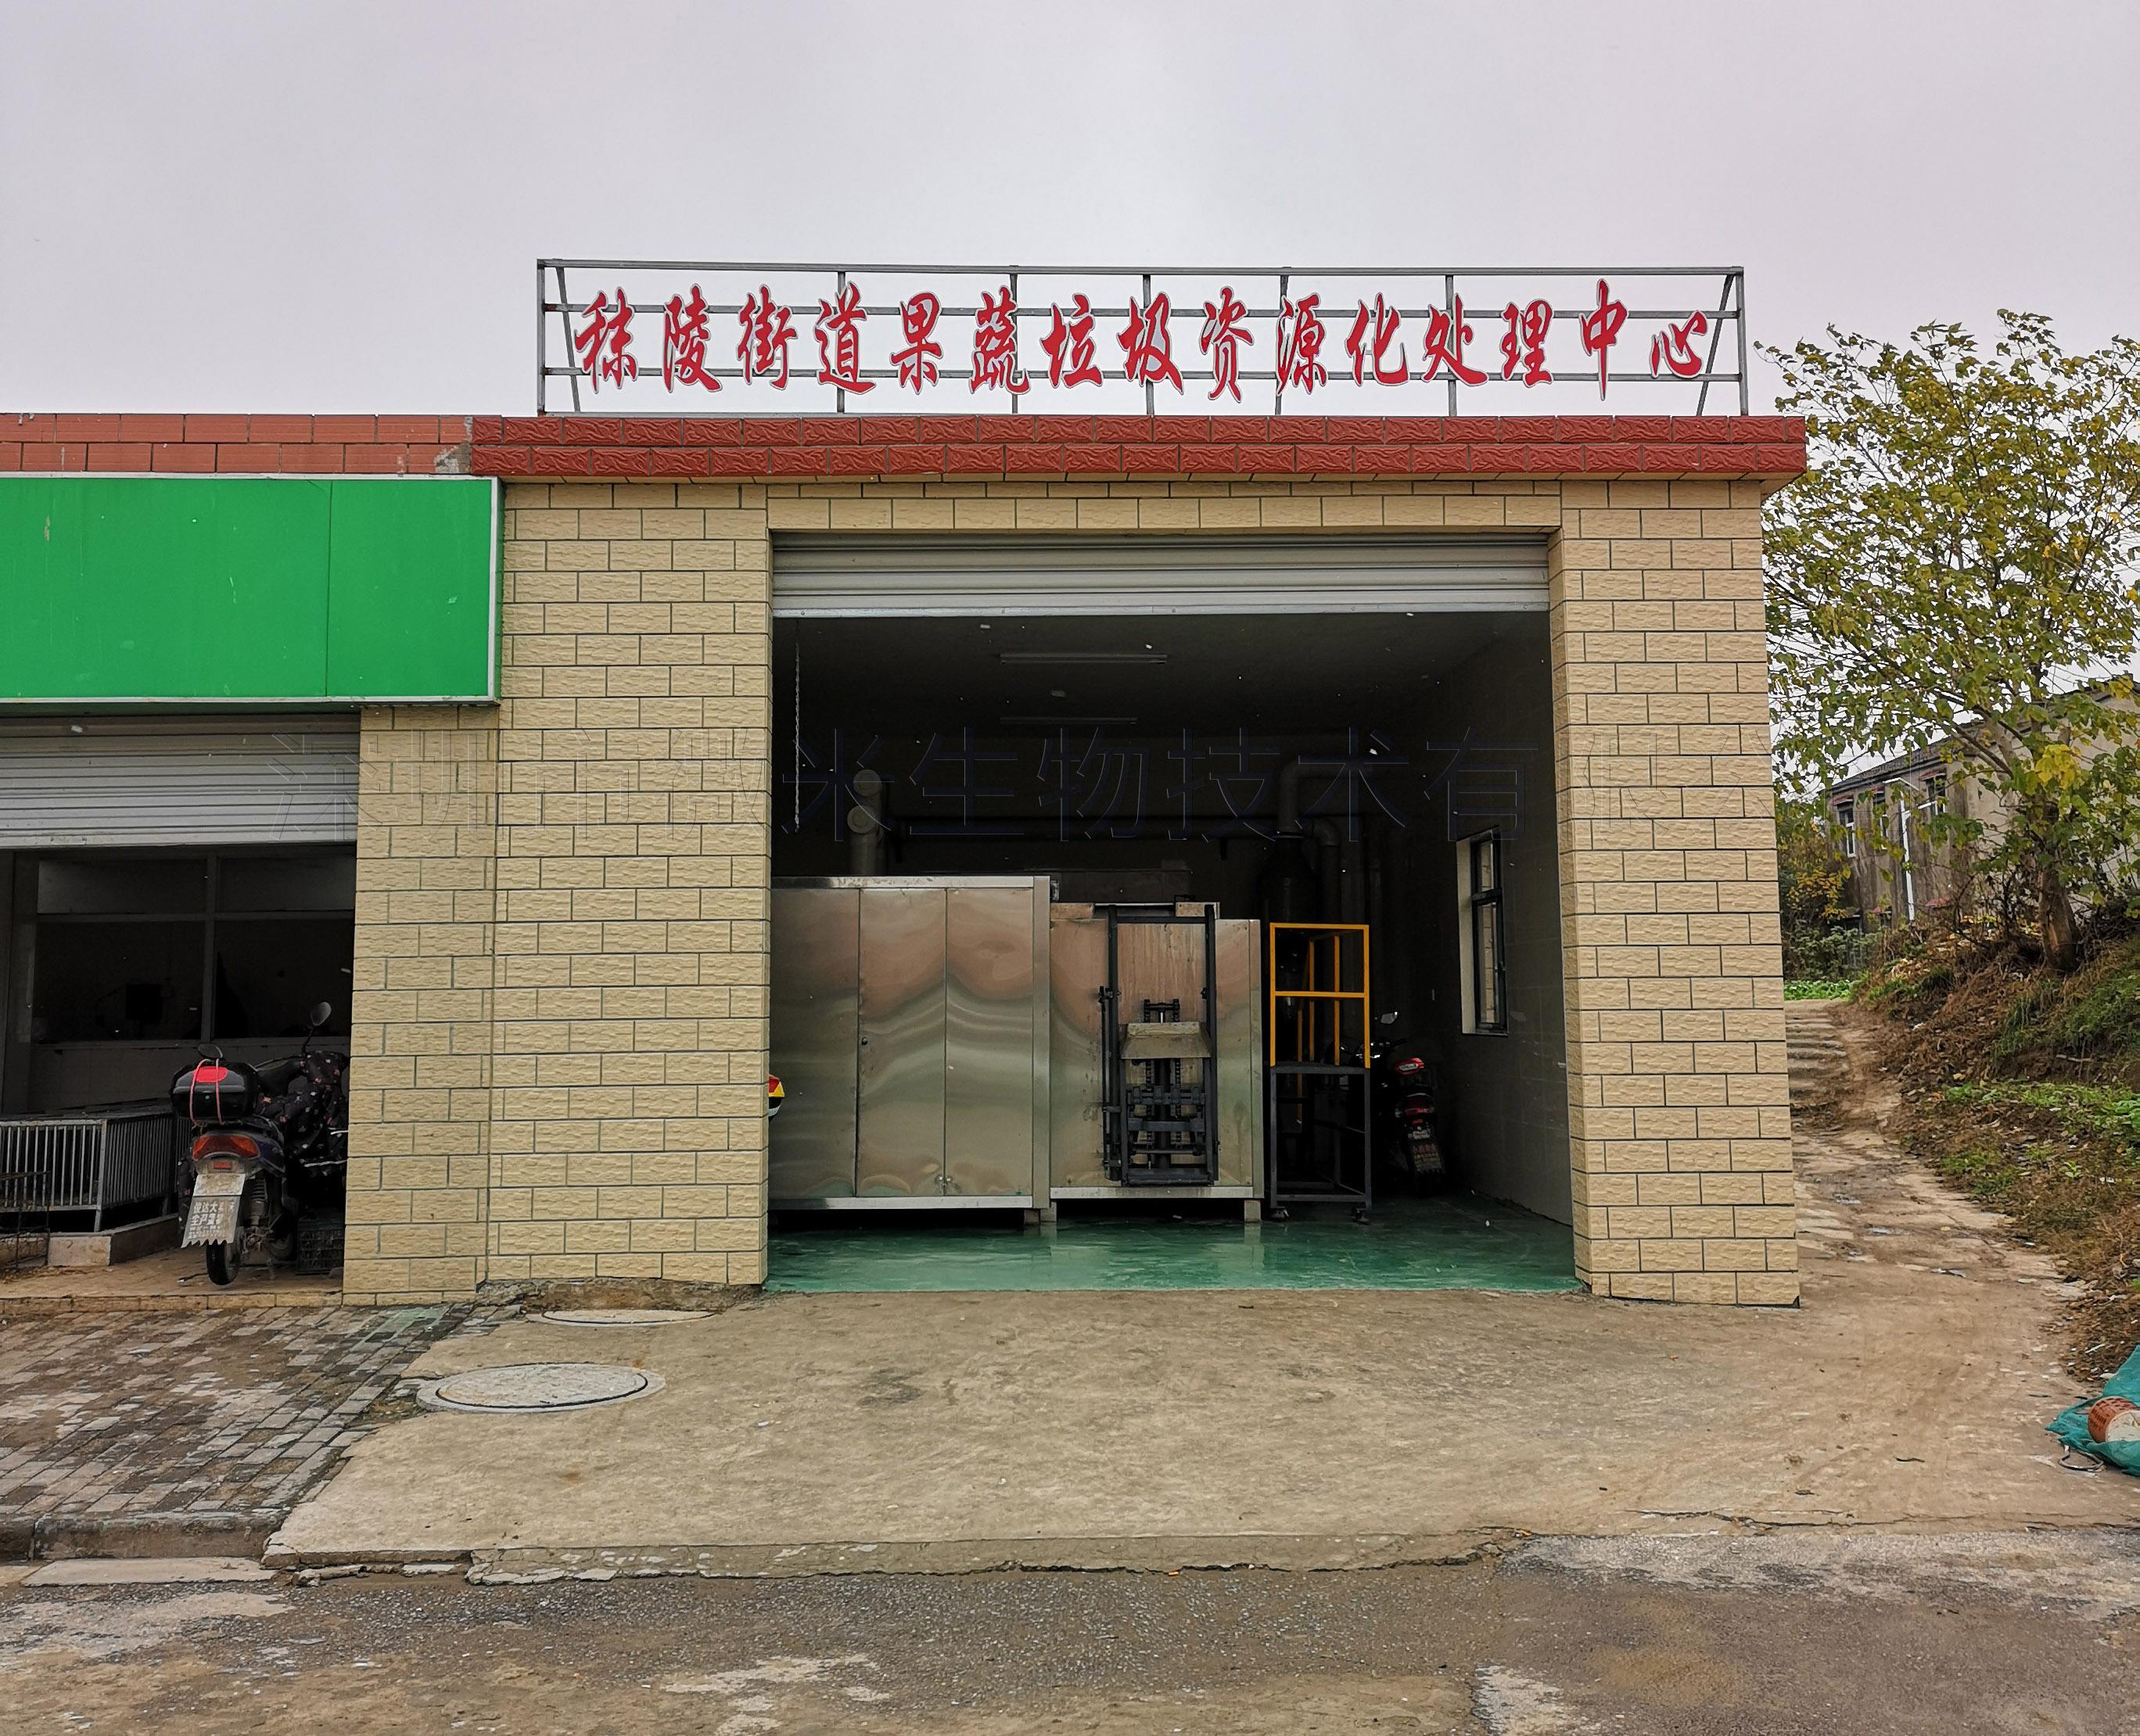 秣陵街(jie)道1期(qi)